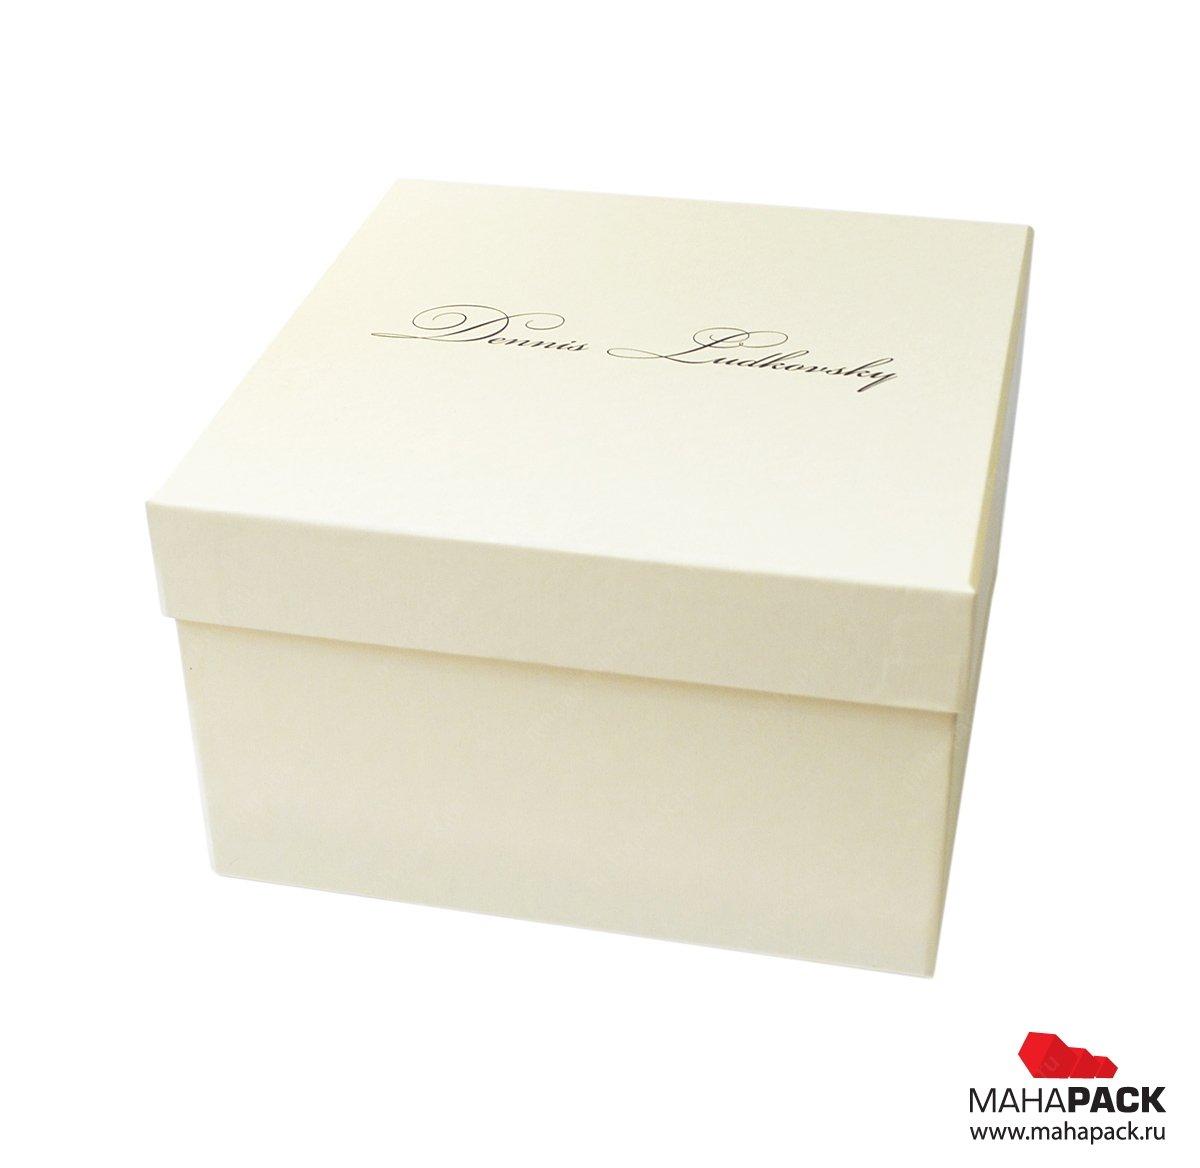 Изготовление фирменных подарочных коробок на заказ